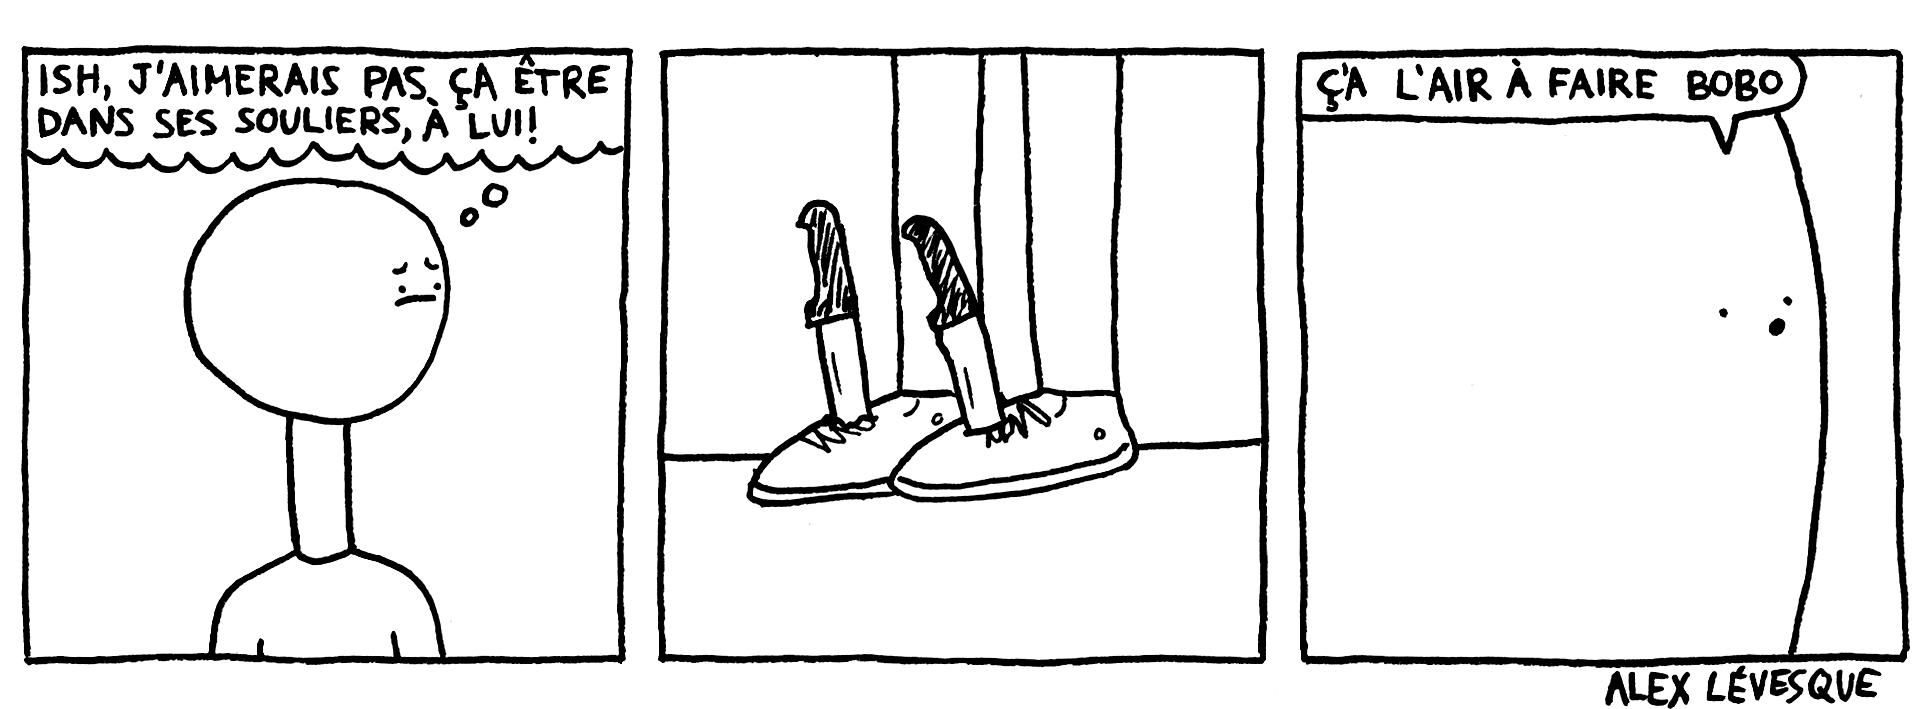 Ses souliers